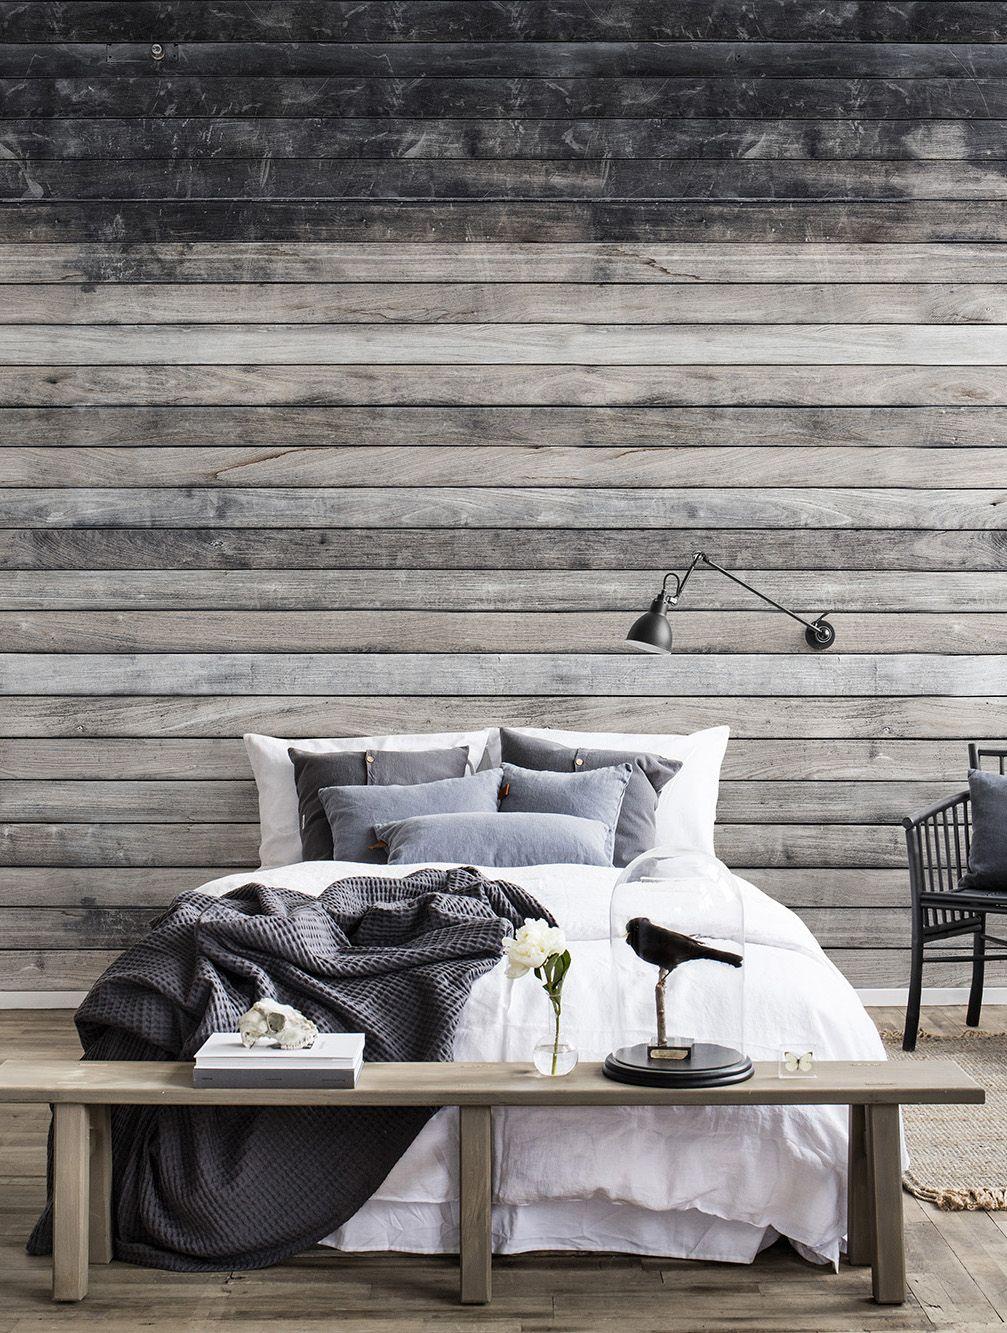 Worn Wood | Schlafzimmer ideen in 2019 | Tapete holz, Ziegel ...